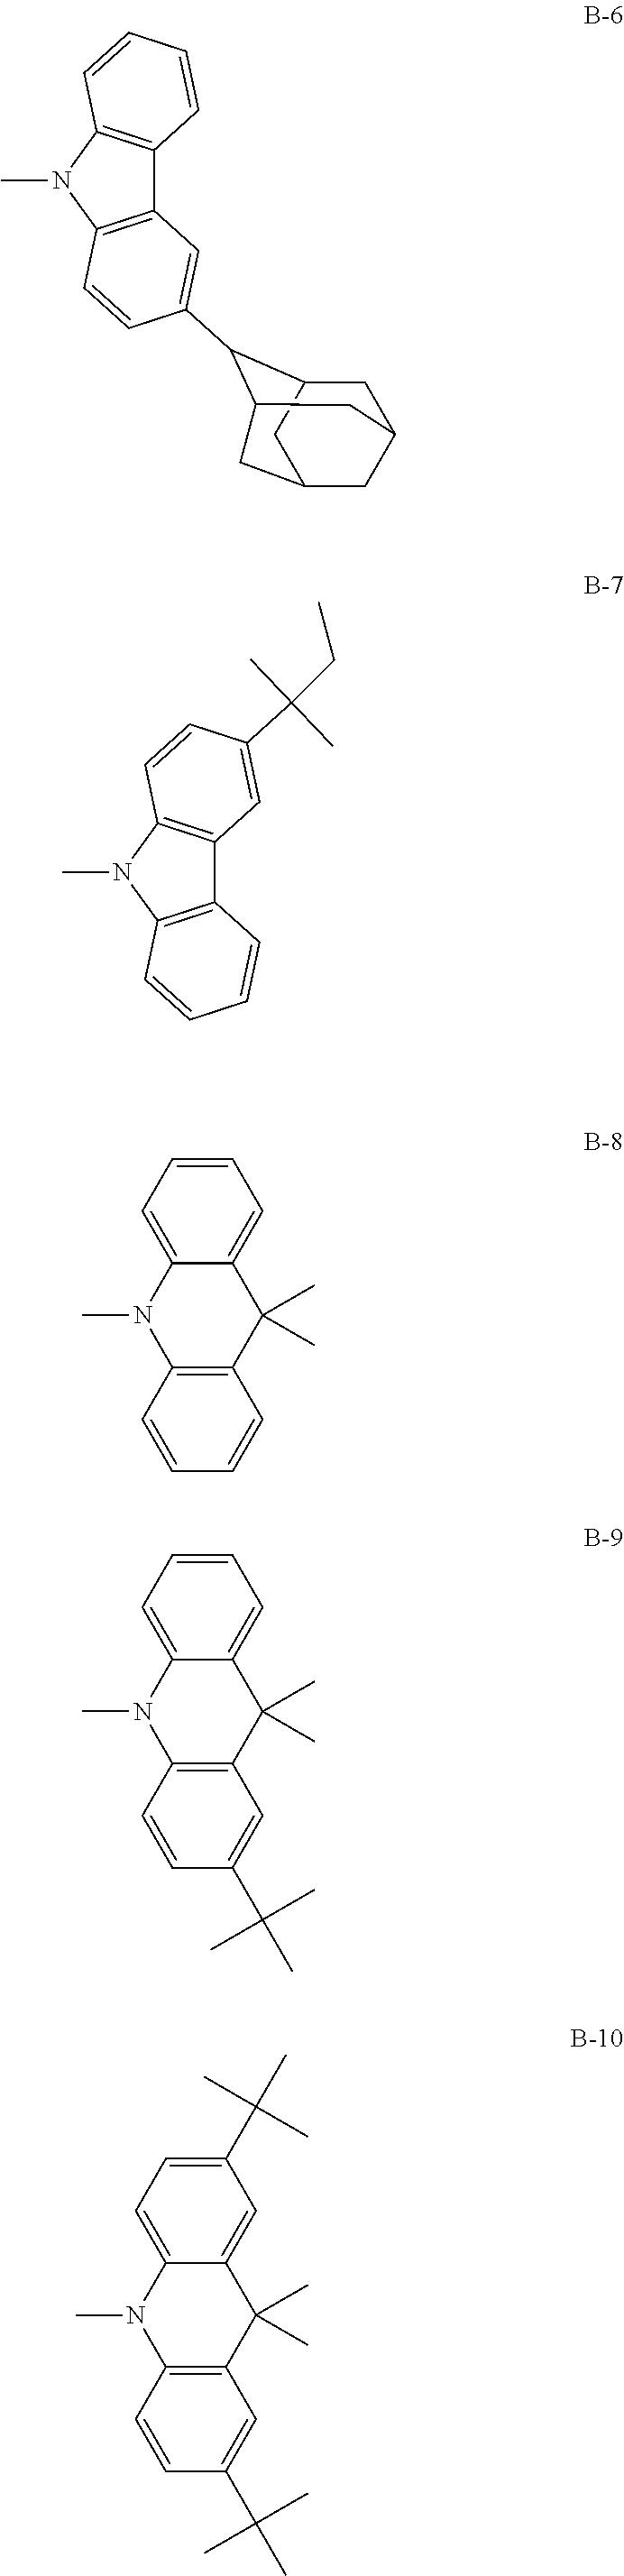 Figure US08847141-20140930-C00031